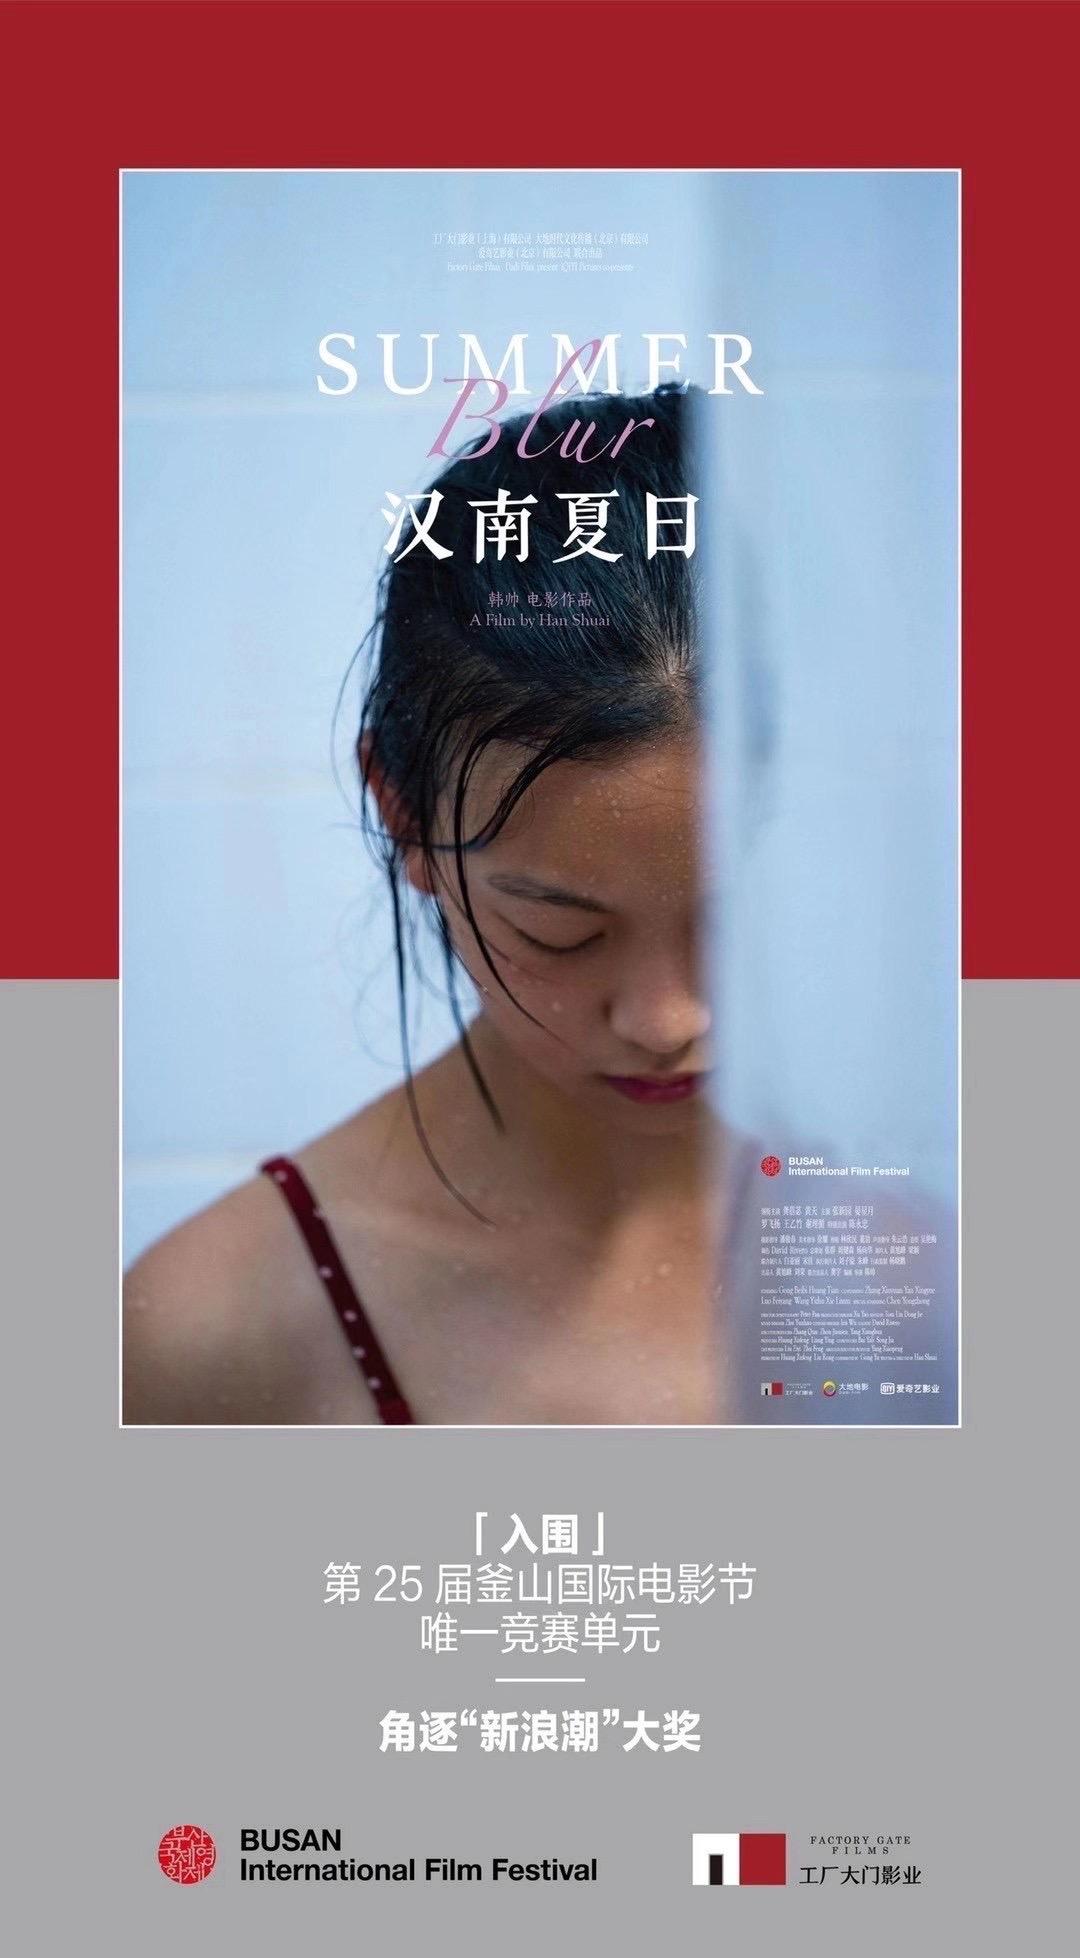 """龚蓓苾主演电影《汉南夏日》入围釜山电影节""""新浪潮""""竞赛单元"""